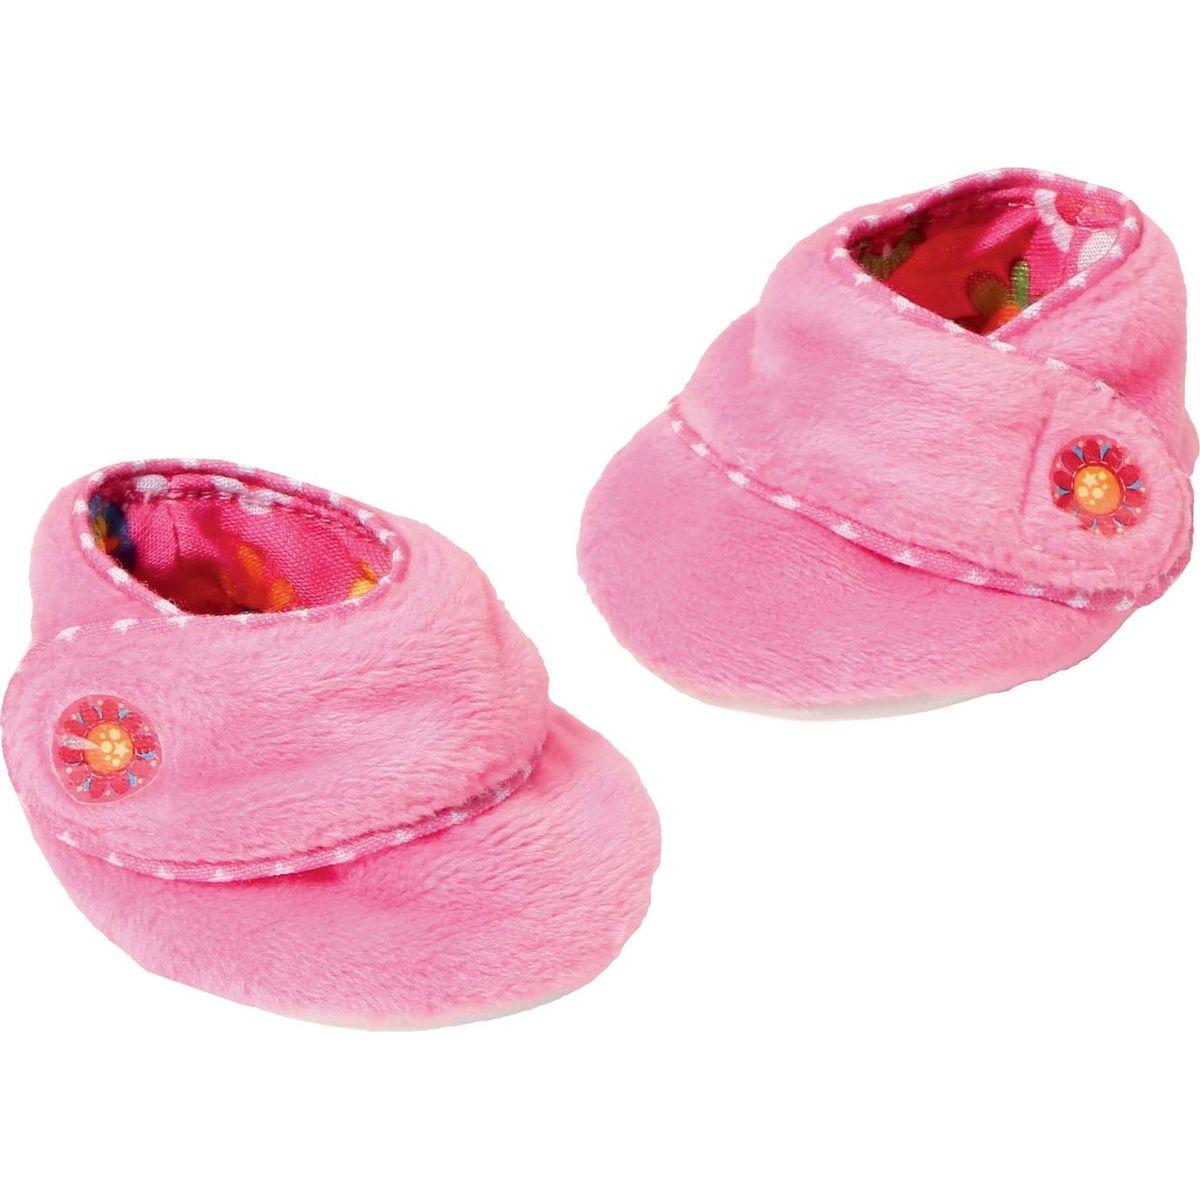 Dolly Moda Baby Botičky růžové